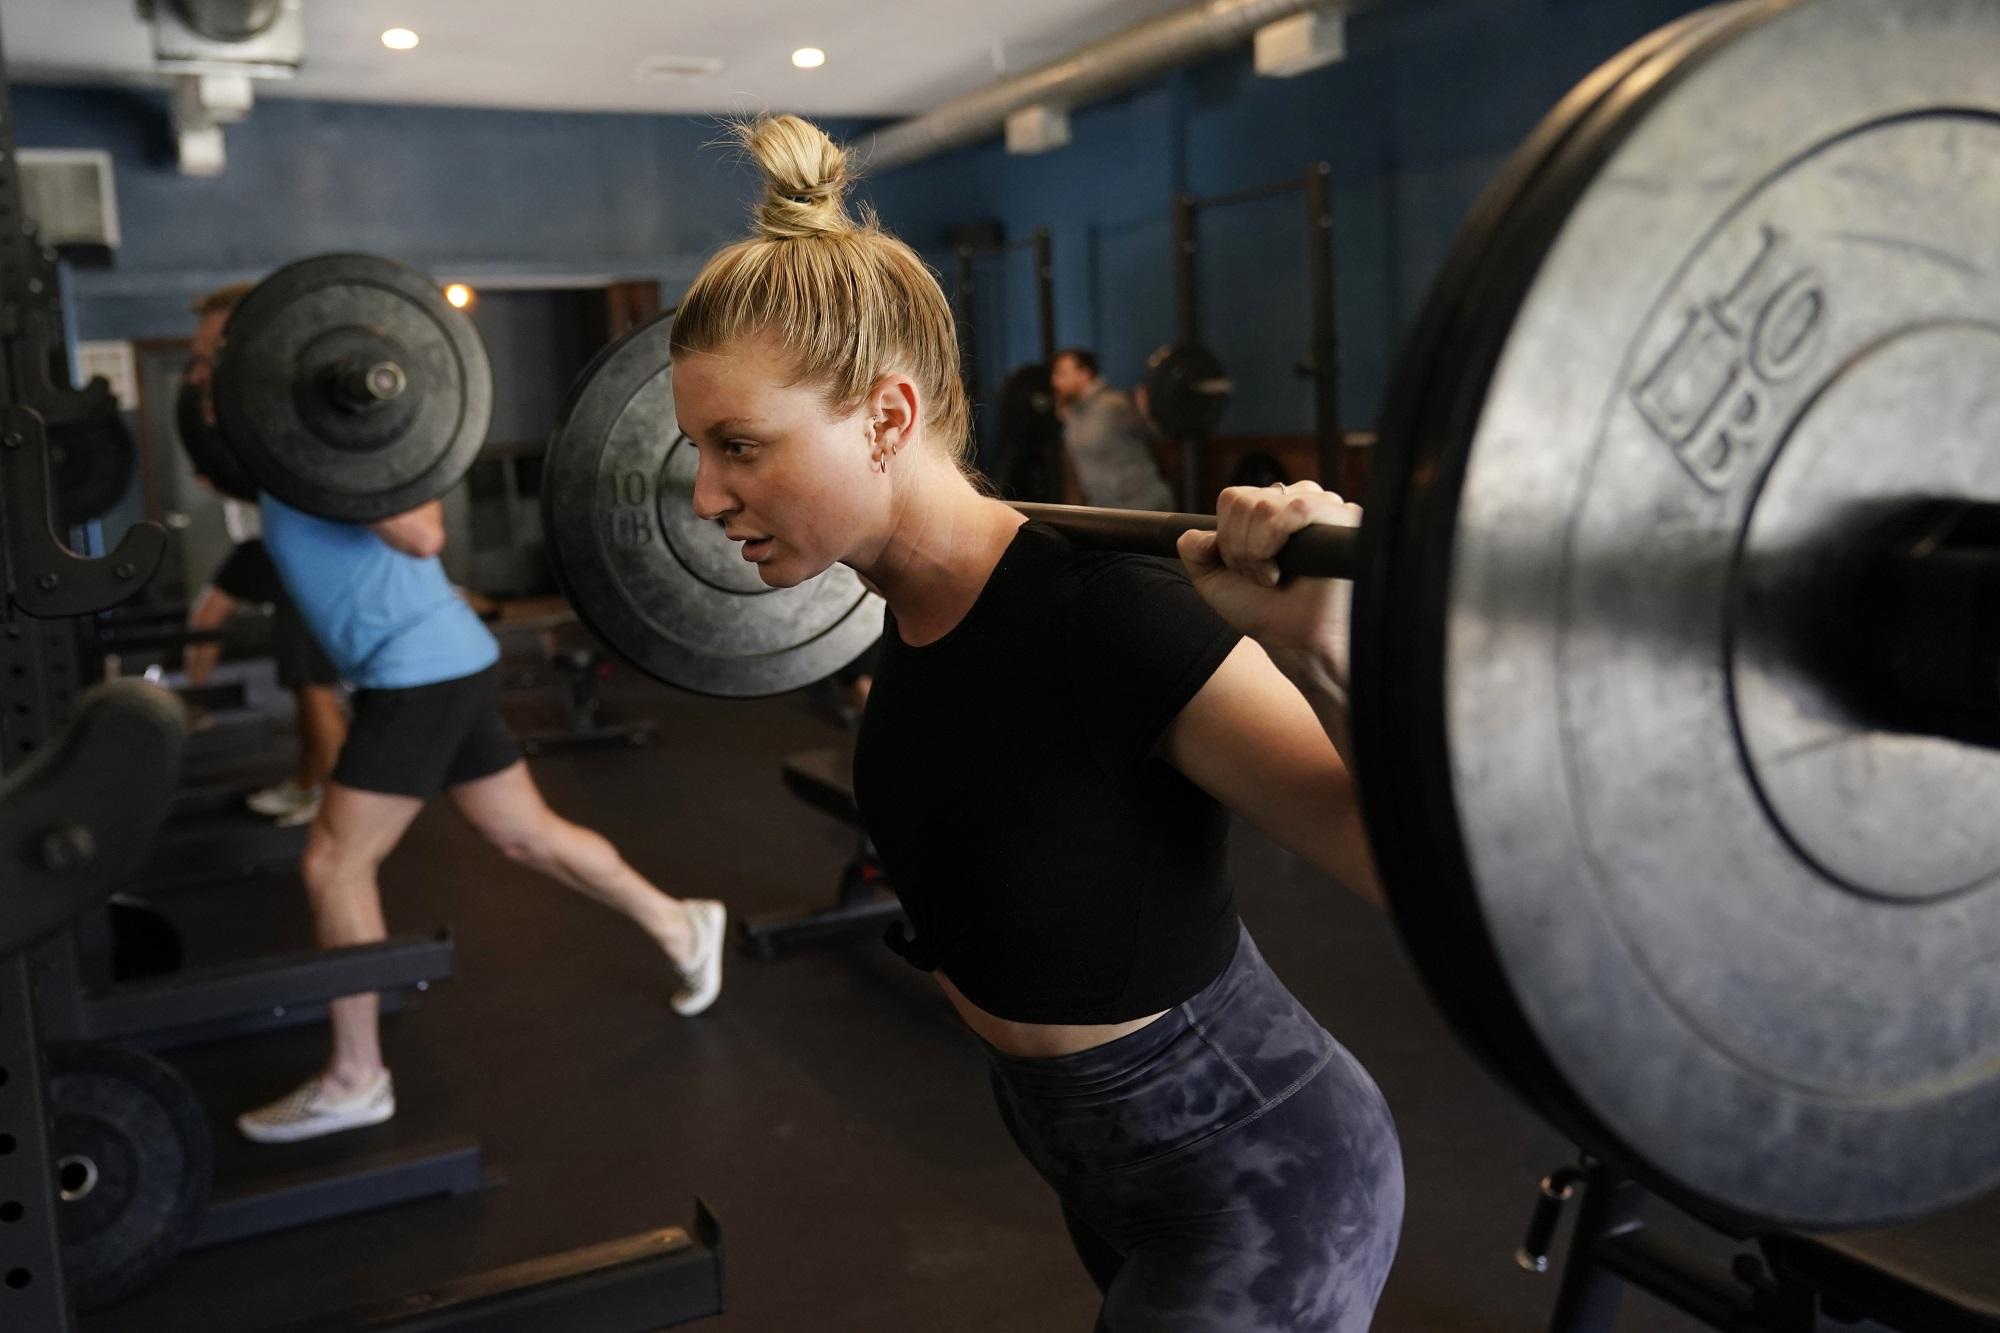 Γυμναστήρια: Τι ισχύει με συνδρομές – Ενστάσεις ιδιοκτητών για τη διπλή μάσκα